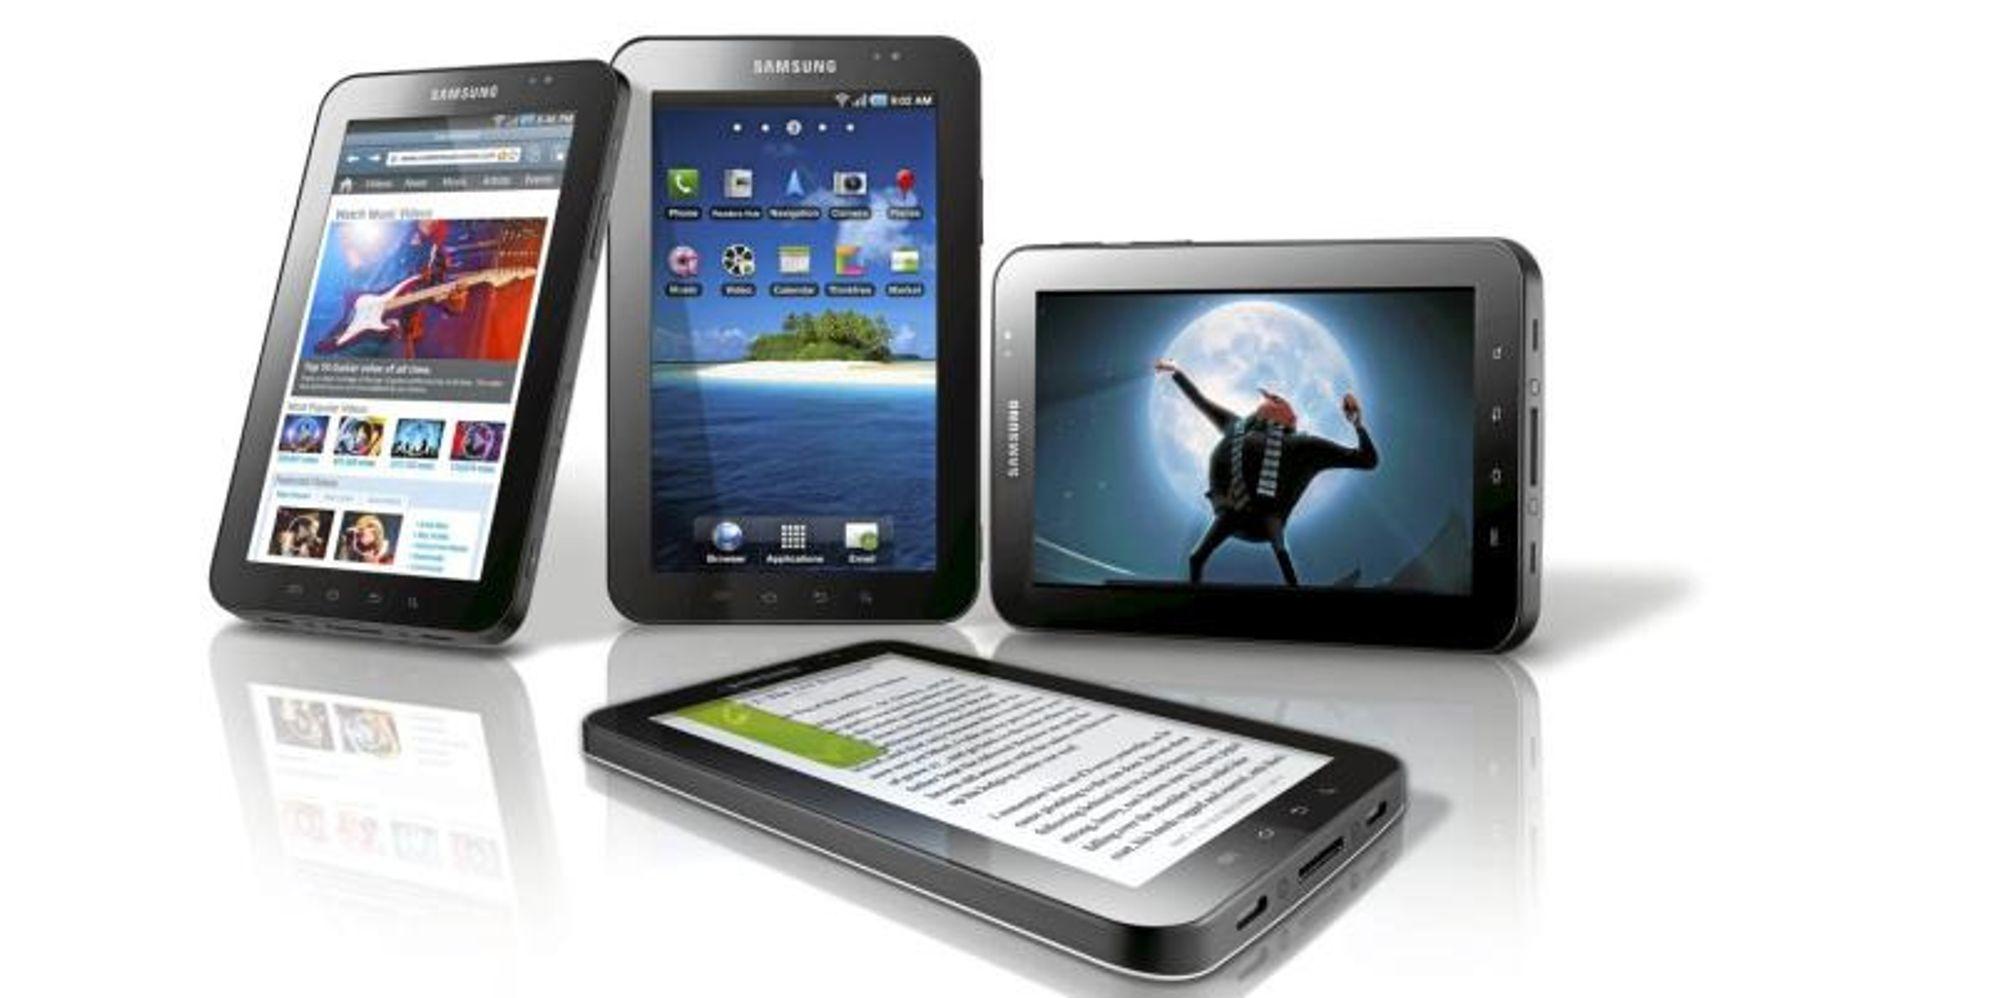 Ti grunner til å velge Samsung Galaxy Tab